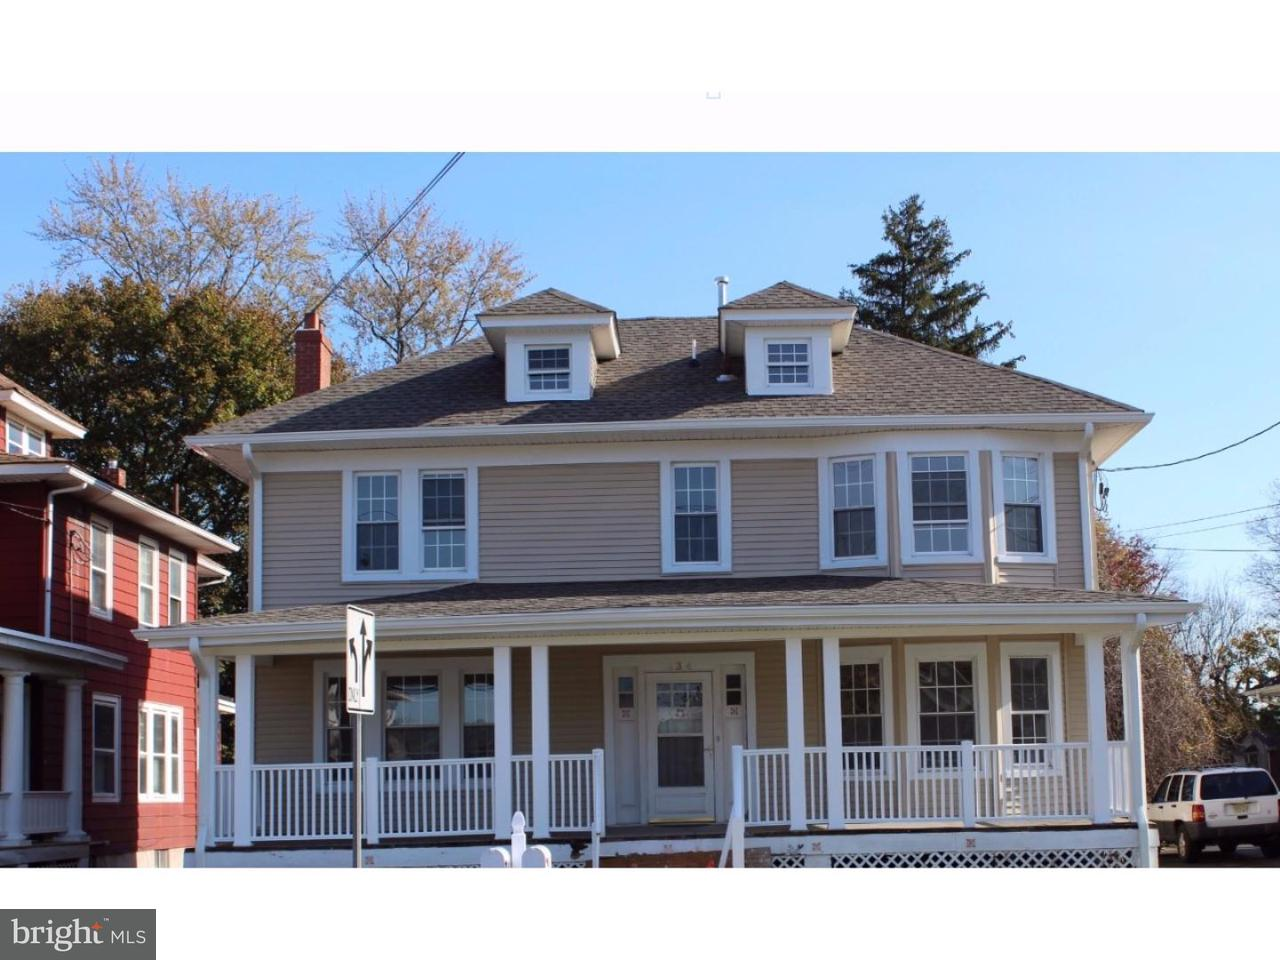 独户住宅 为 出租 在 134 KLOCKNER RD #2 汉密尔顿, 新泽西州 08619 美国在/周边: Hamilton Township